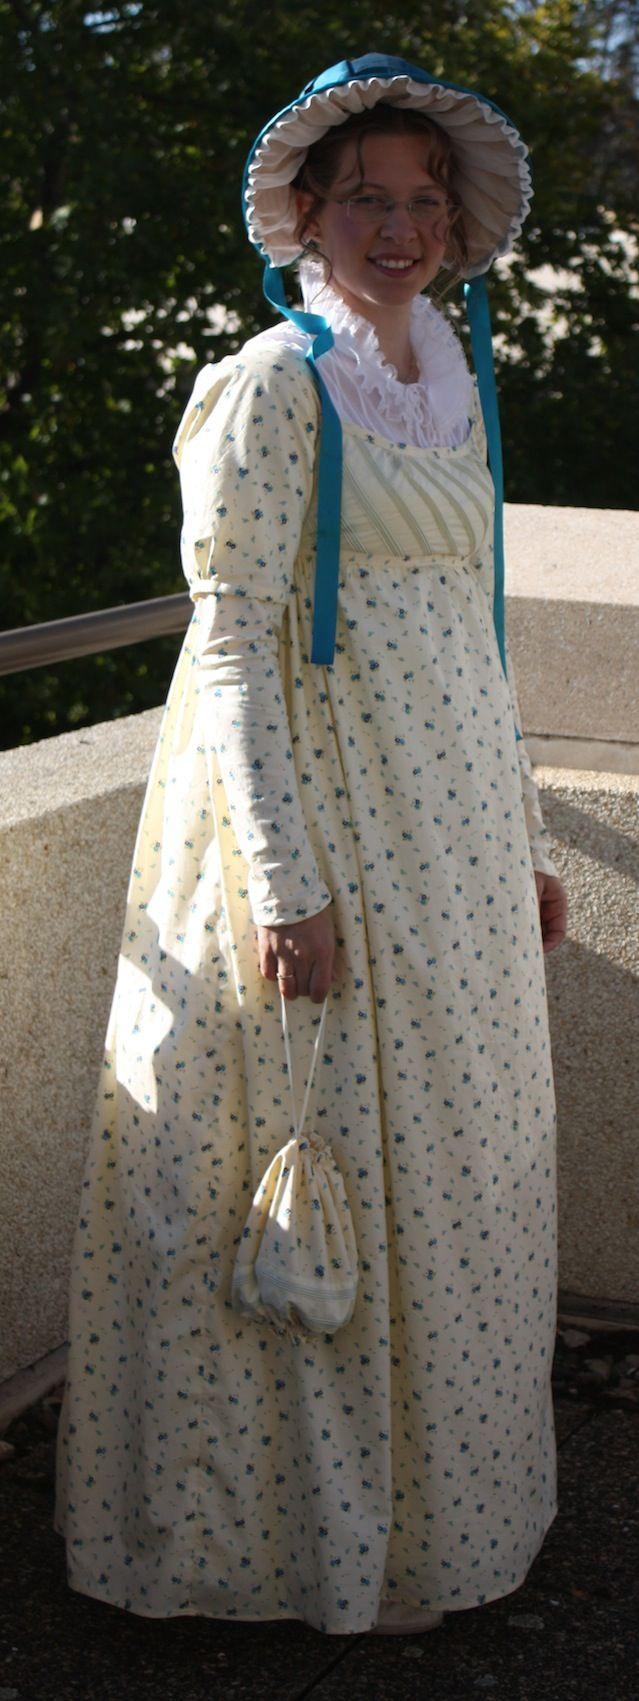 Regency fashion plate the secret dreamworld of a jane austen fan - My Regency Journey The Destination Regency Erajane Austen Daydreamdestinations